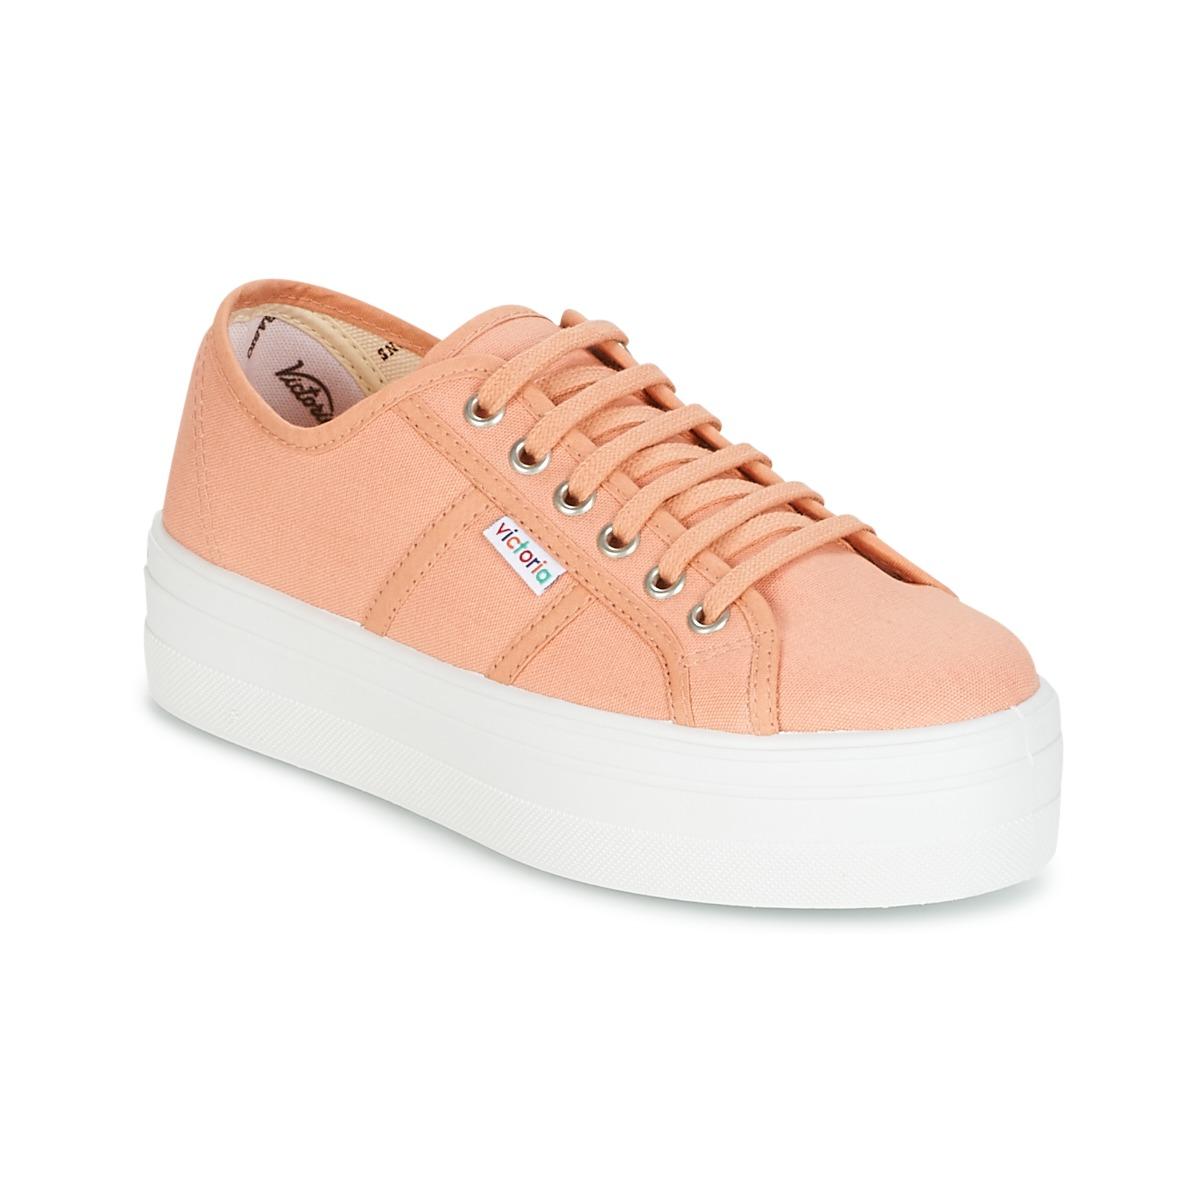 Victoria BLUCHER LONA PLATAFORMA Orange - Kostenloser Versand bei Spartoode ! - Schuhe Sneaker Low Damen 31,50 €